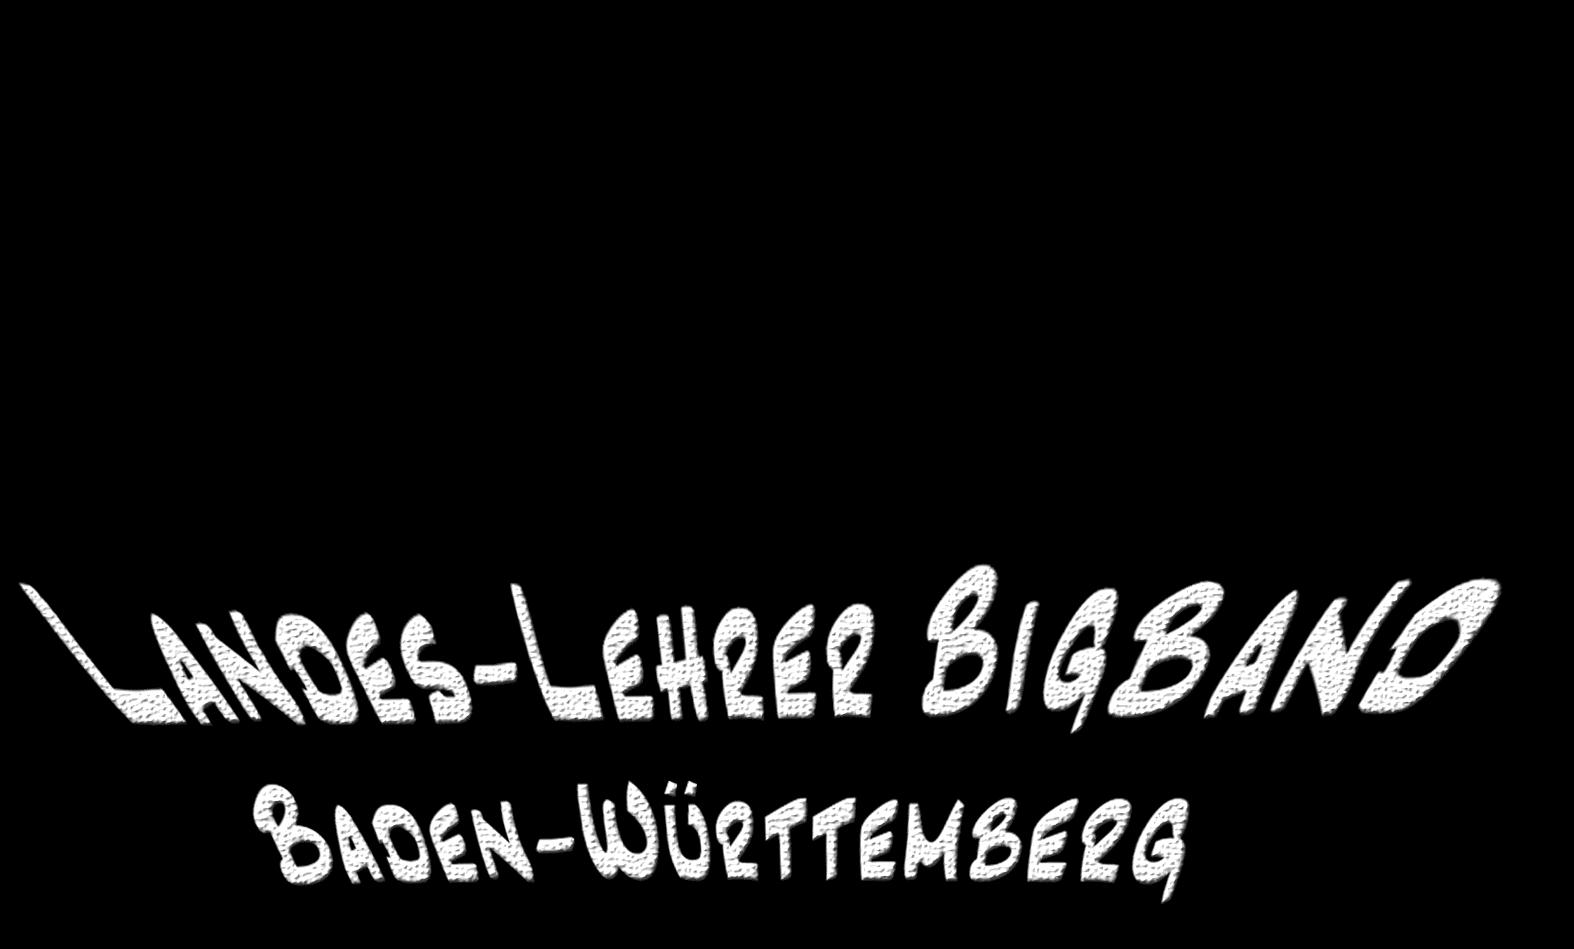 Landes-Lehrer Big-Band Baden-Württemberg